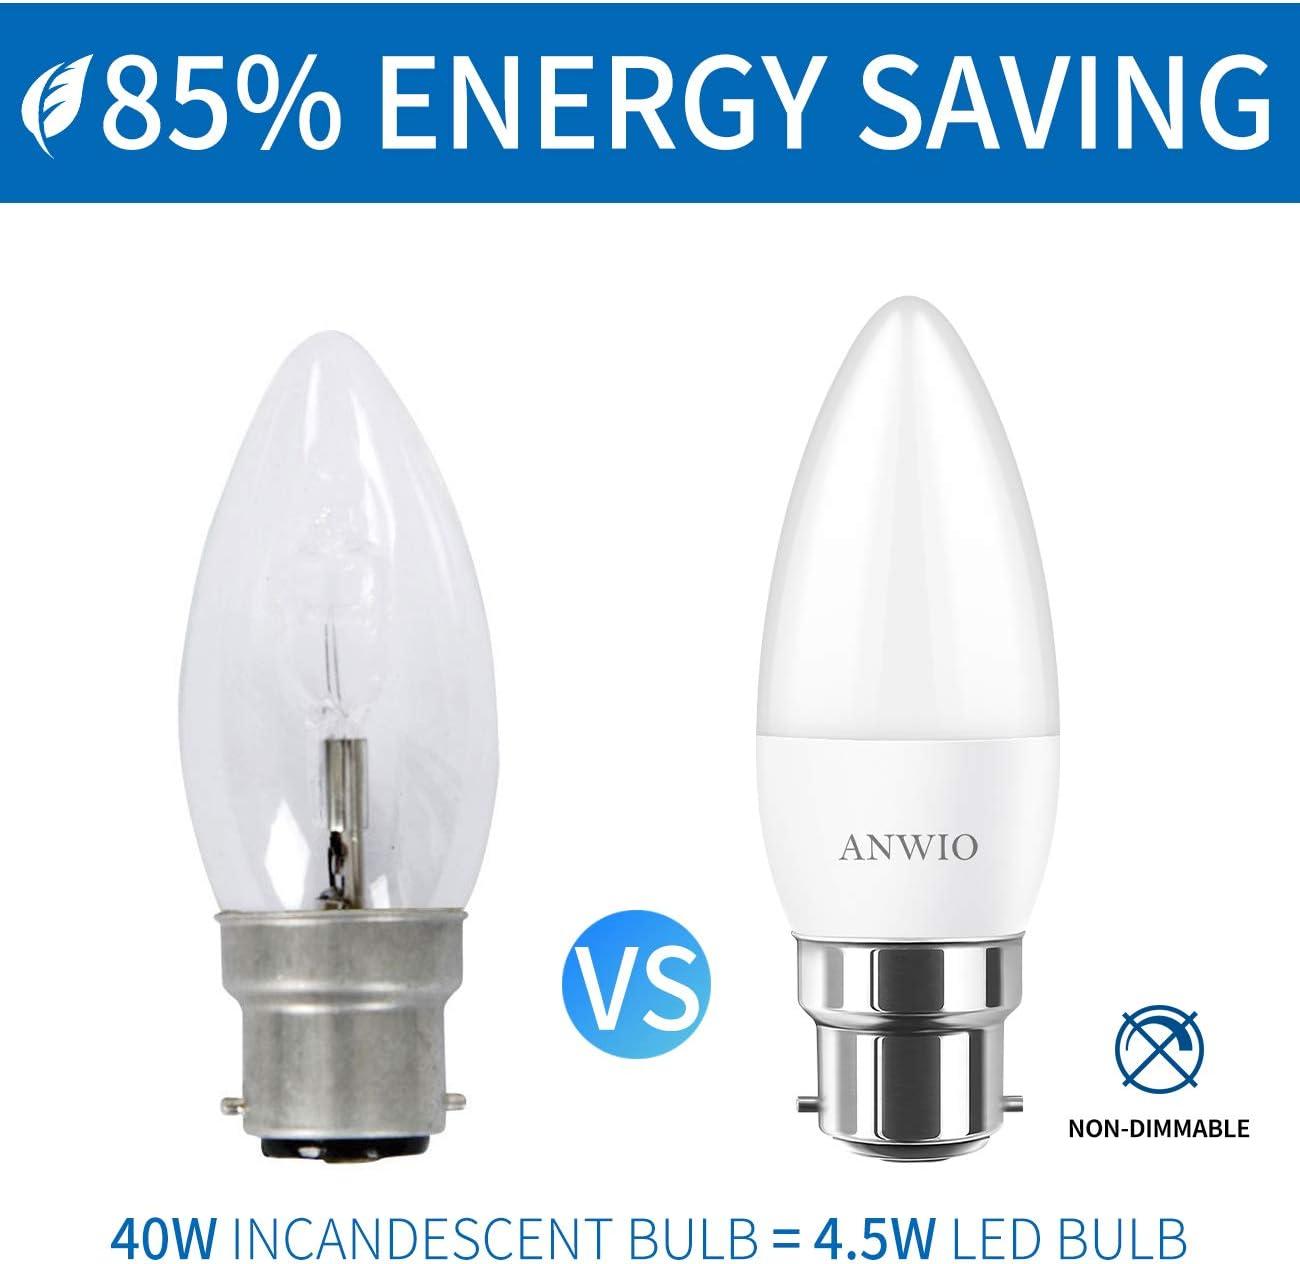 Non-dimmable 470Lumen 2700K Blanc Chaud ANWIO Lot de 6 4.5W Ampoule LED Bougie B22 Equivalent Ampoule Halog/ène 40W Baionnette